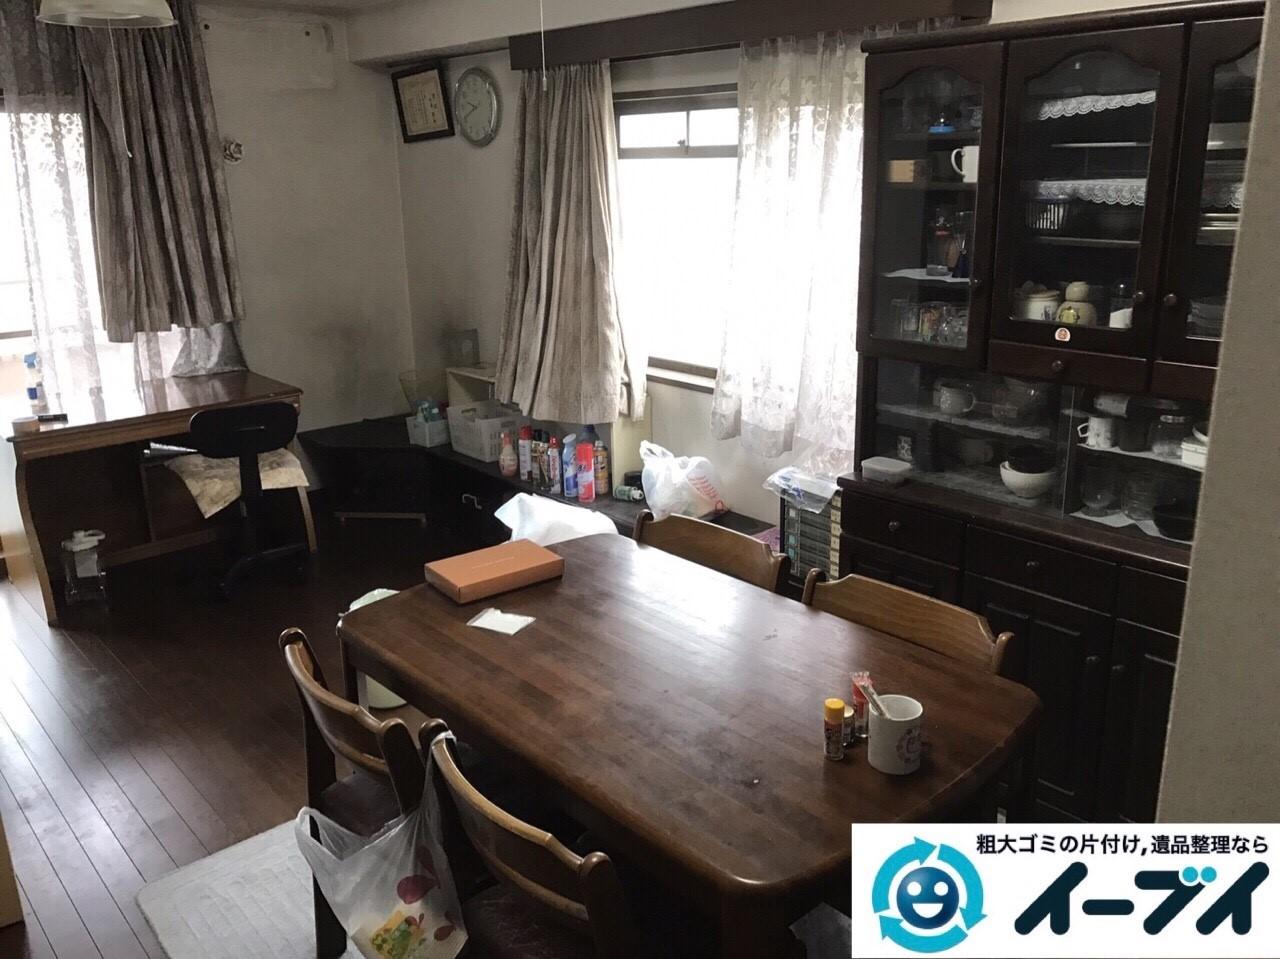 2018年1月23日大阪府大阪市北区で遺品整理に伴う家具処分や遺品処分をしました。写真8